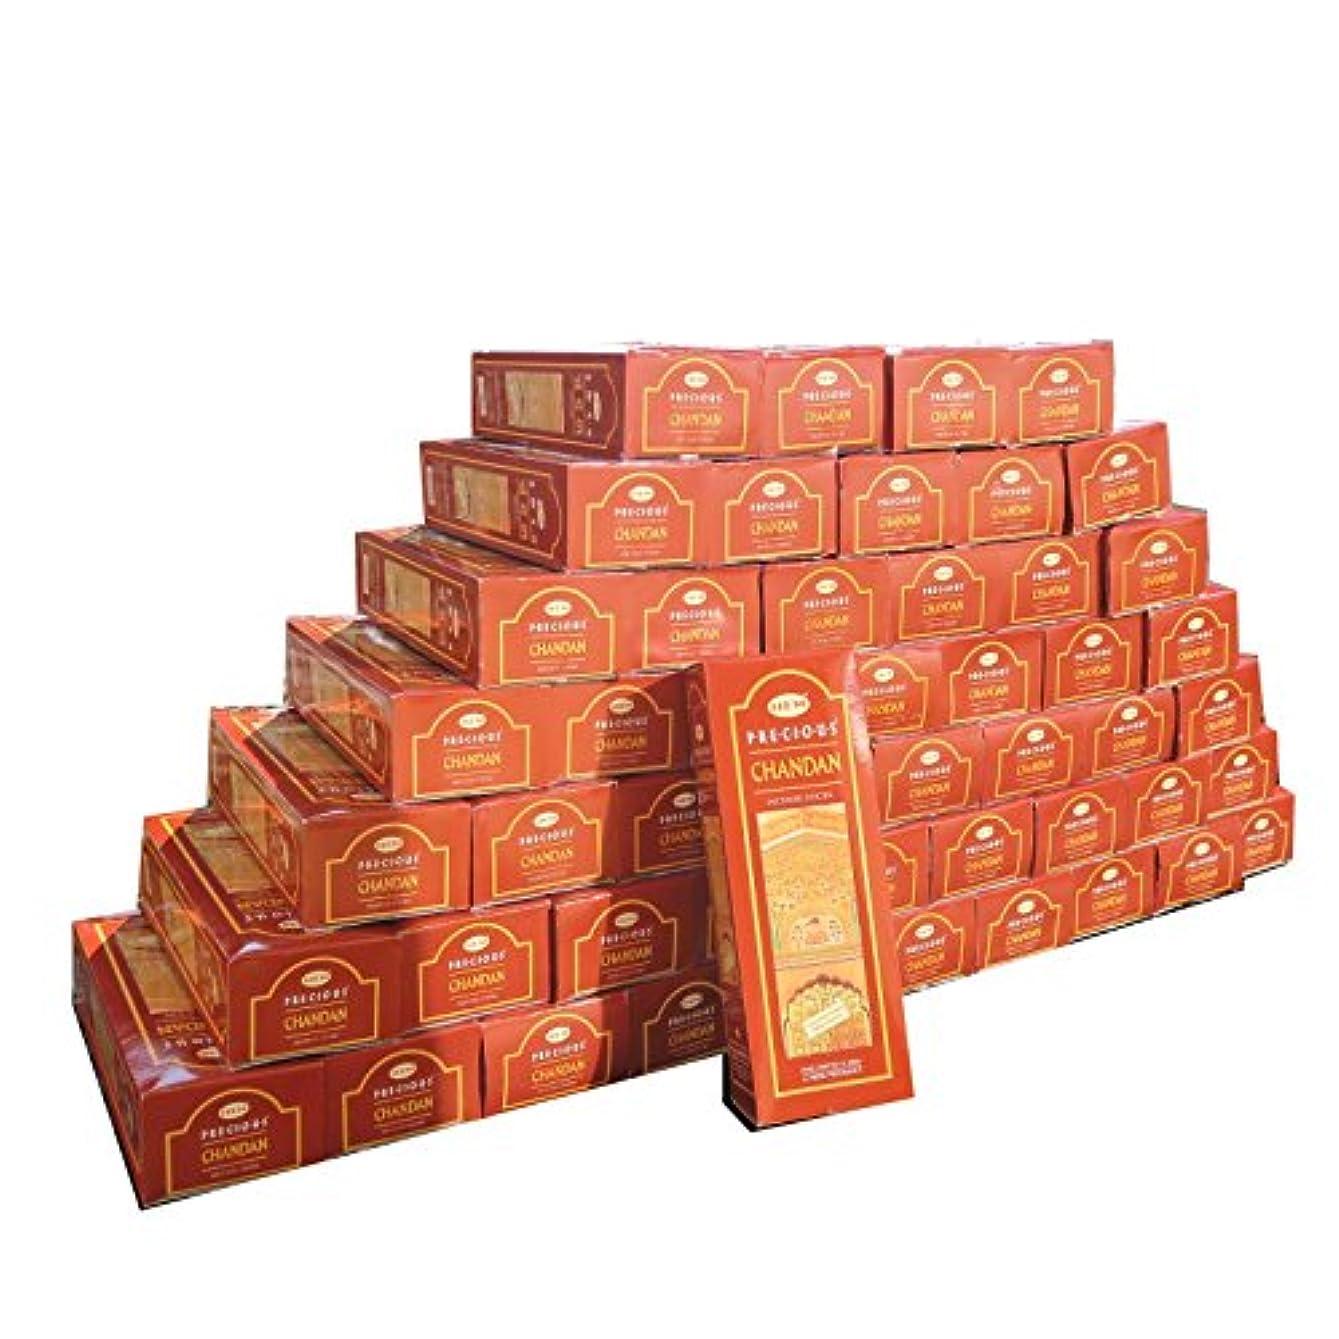 コメンテーター記念日友情業務用 インドスティック形お香 プレシャスチャンダン 300箱入り